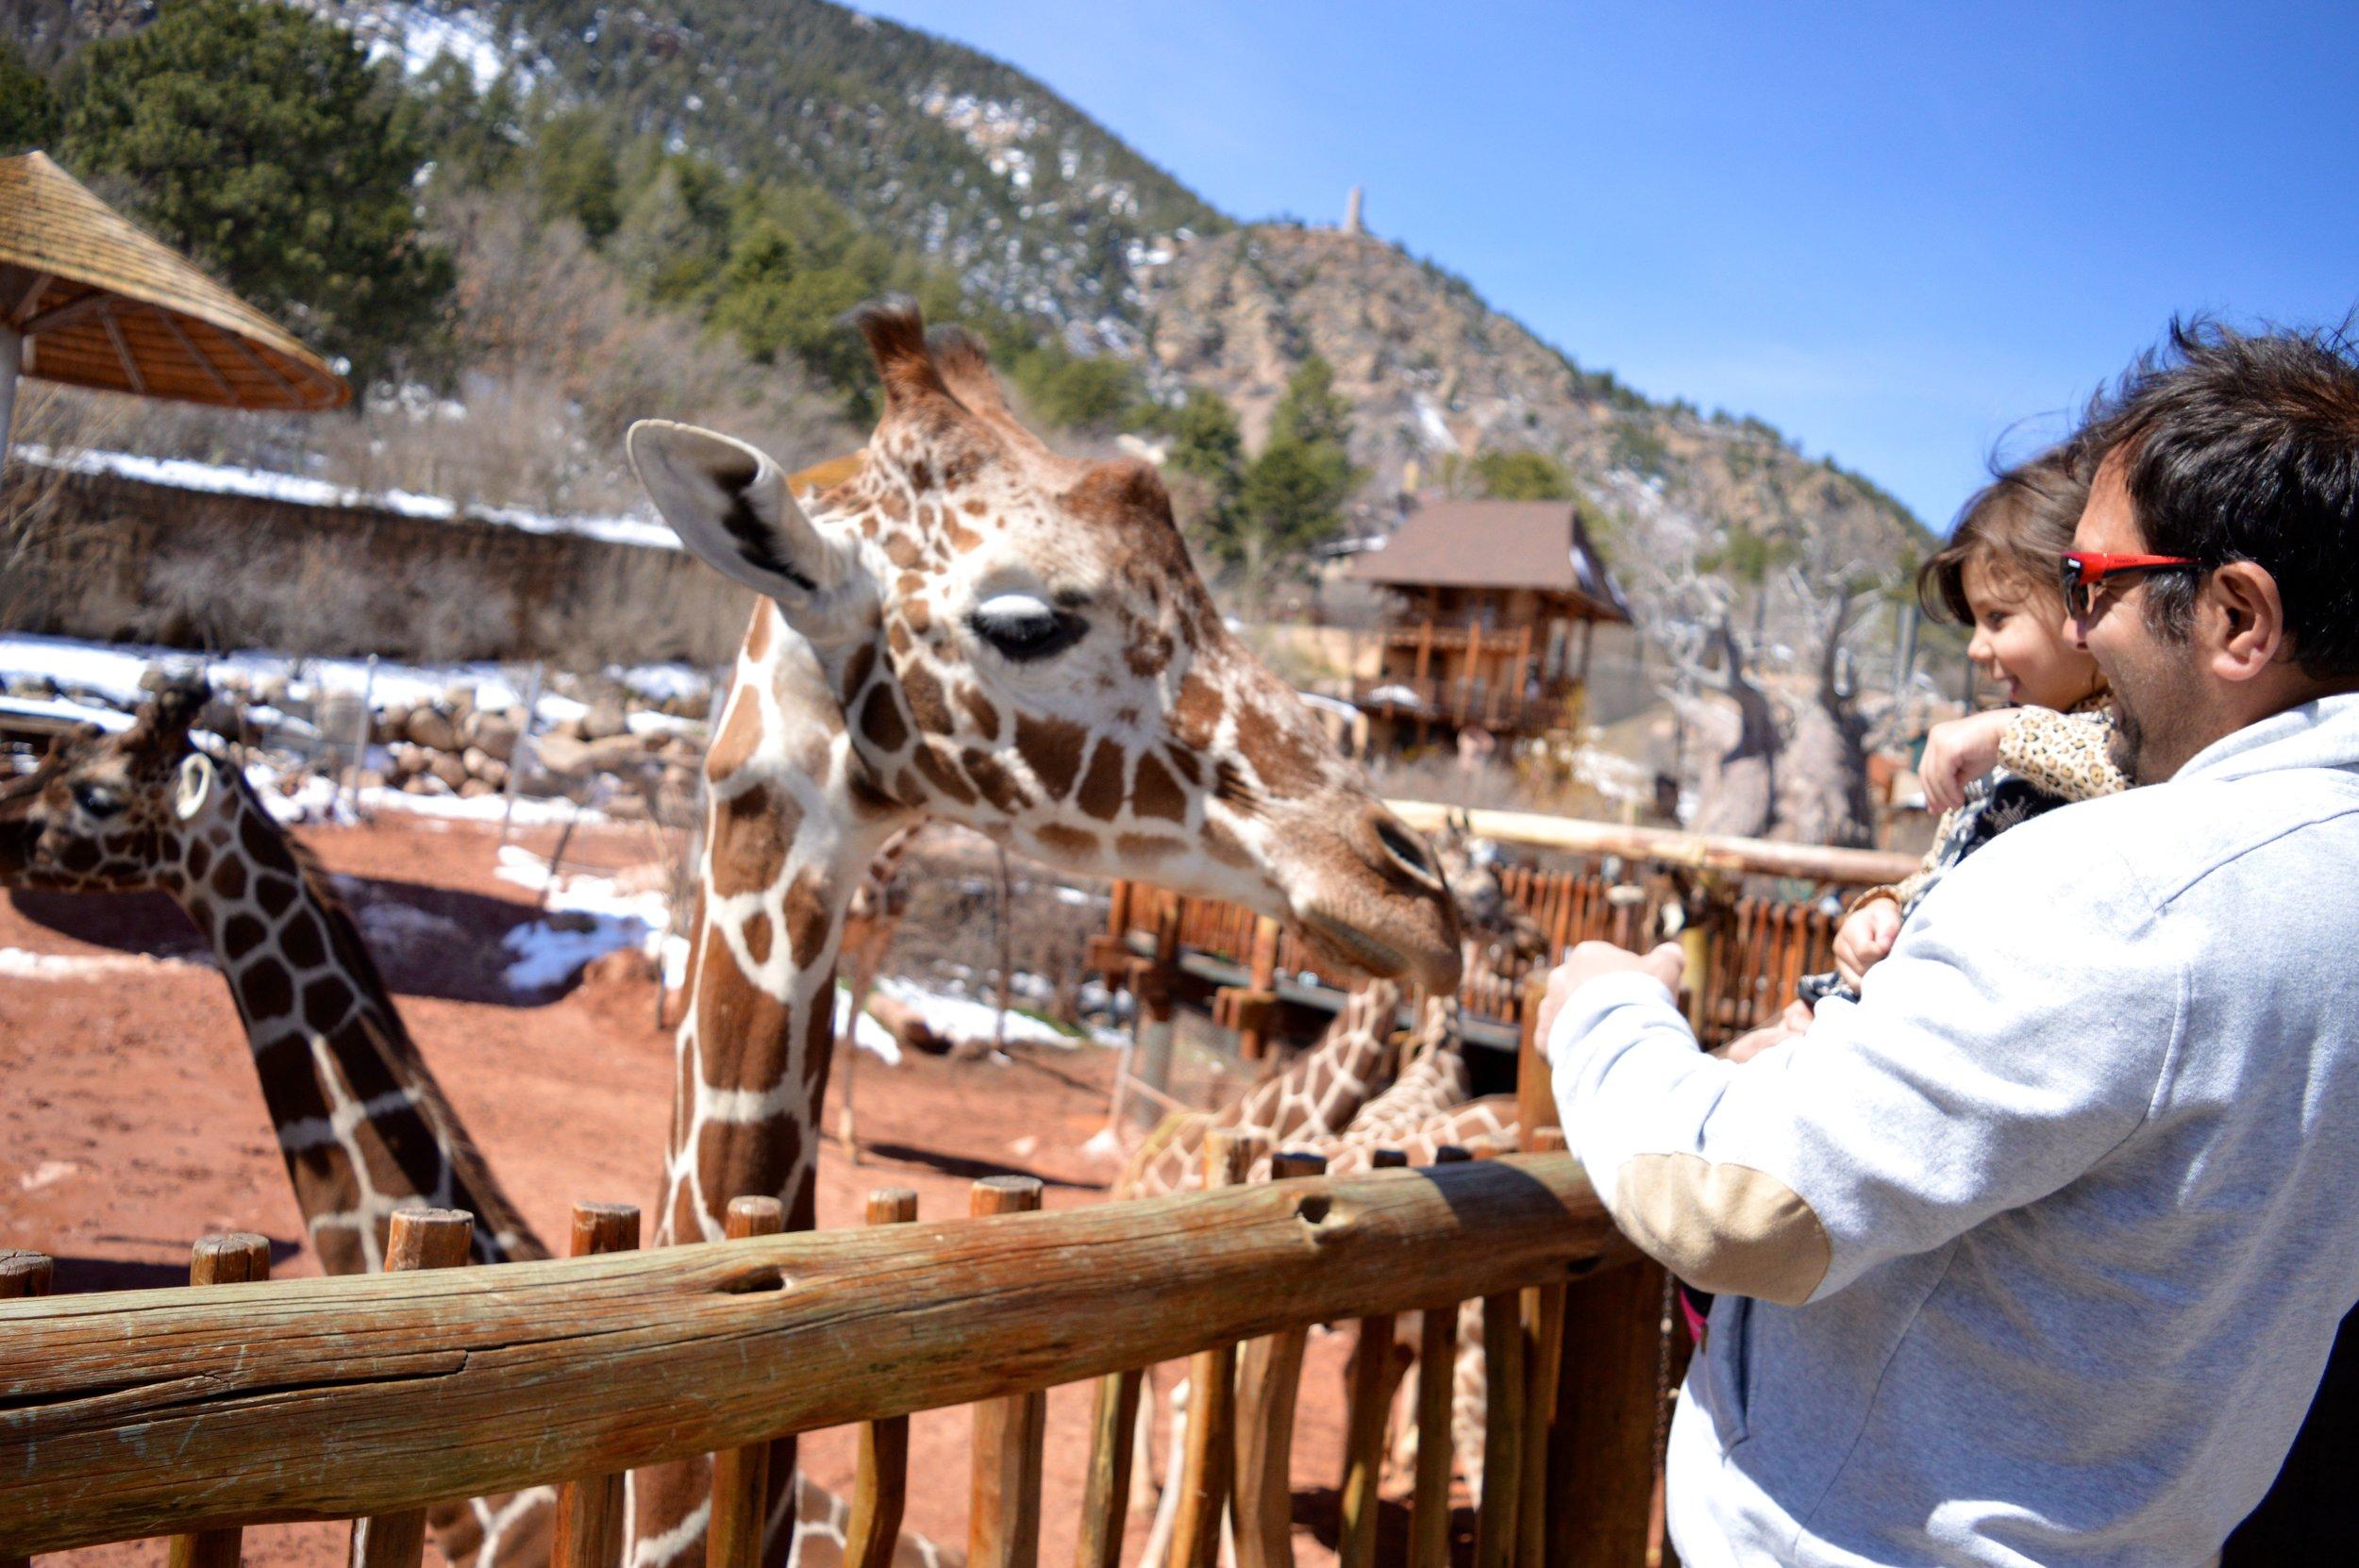 cheyenne-mountain-zoo-giraffe-4.jpg